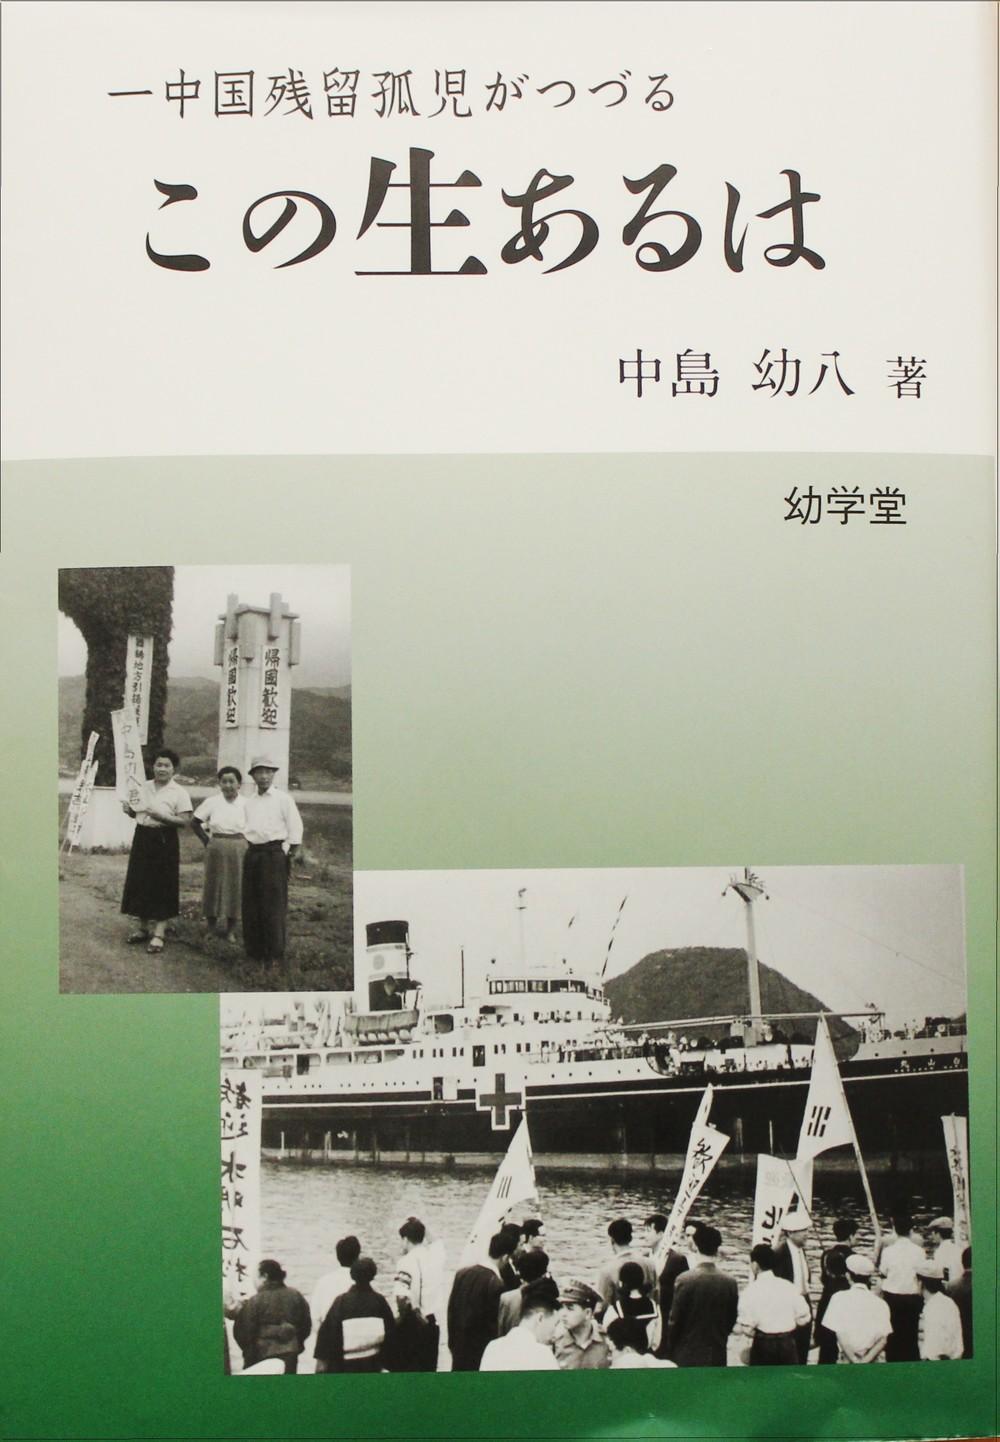 元残留孤児の中島幼八さん、日中両国で回想記を出版 日本版「この生あるは」/中国版「何有此生」